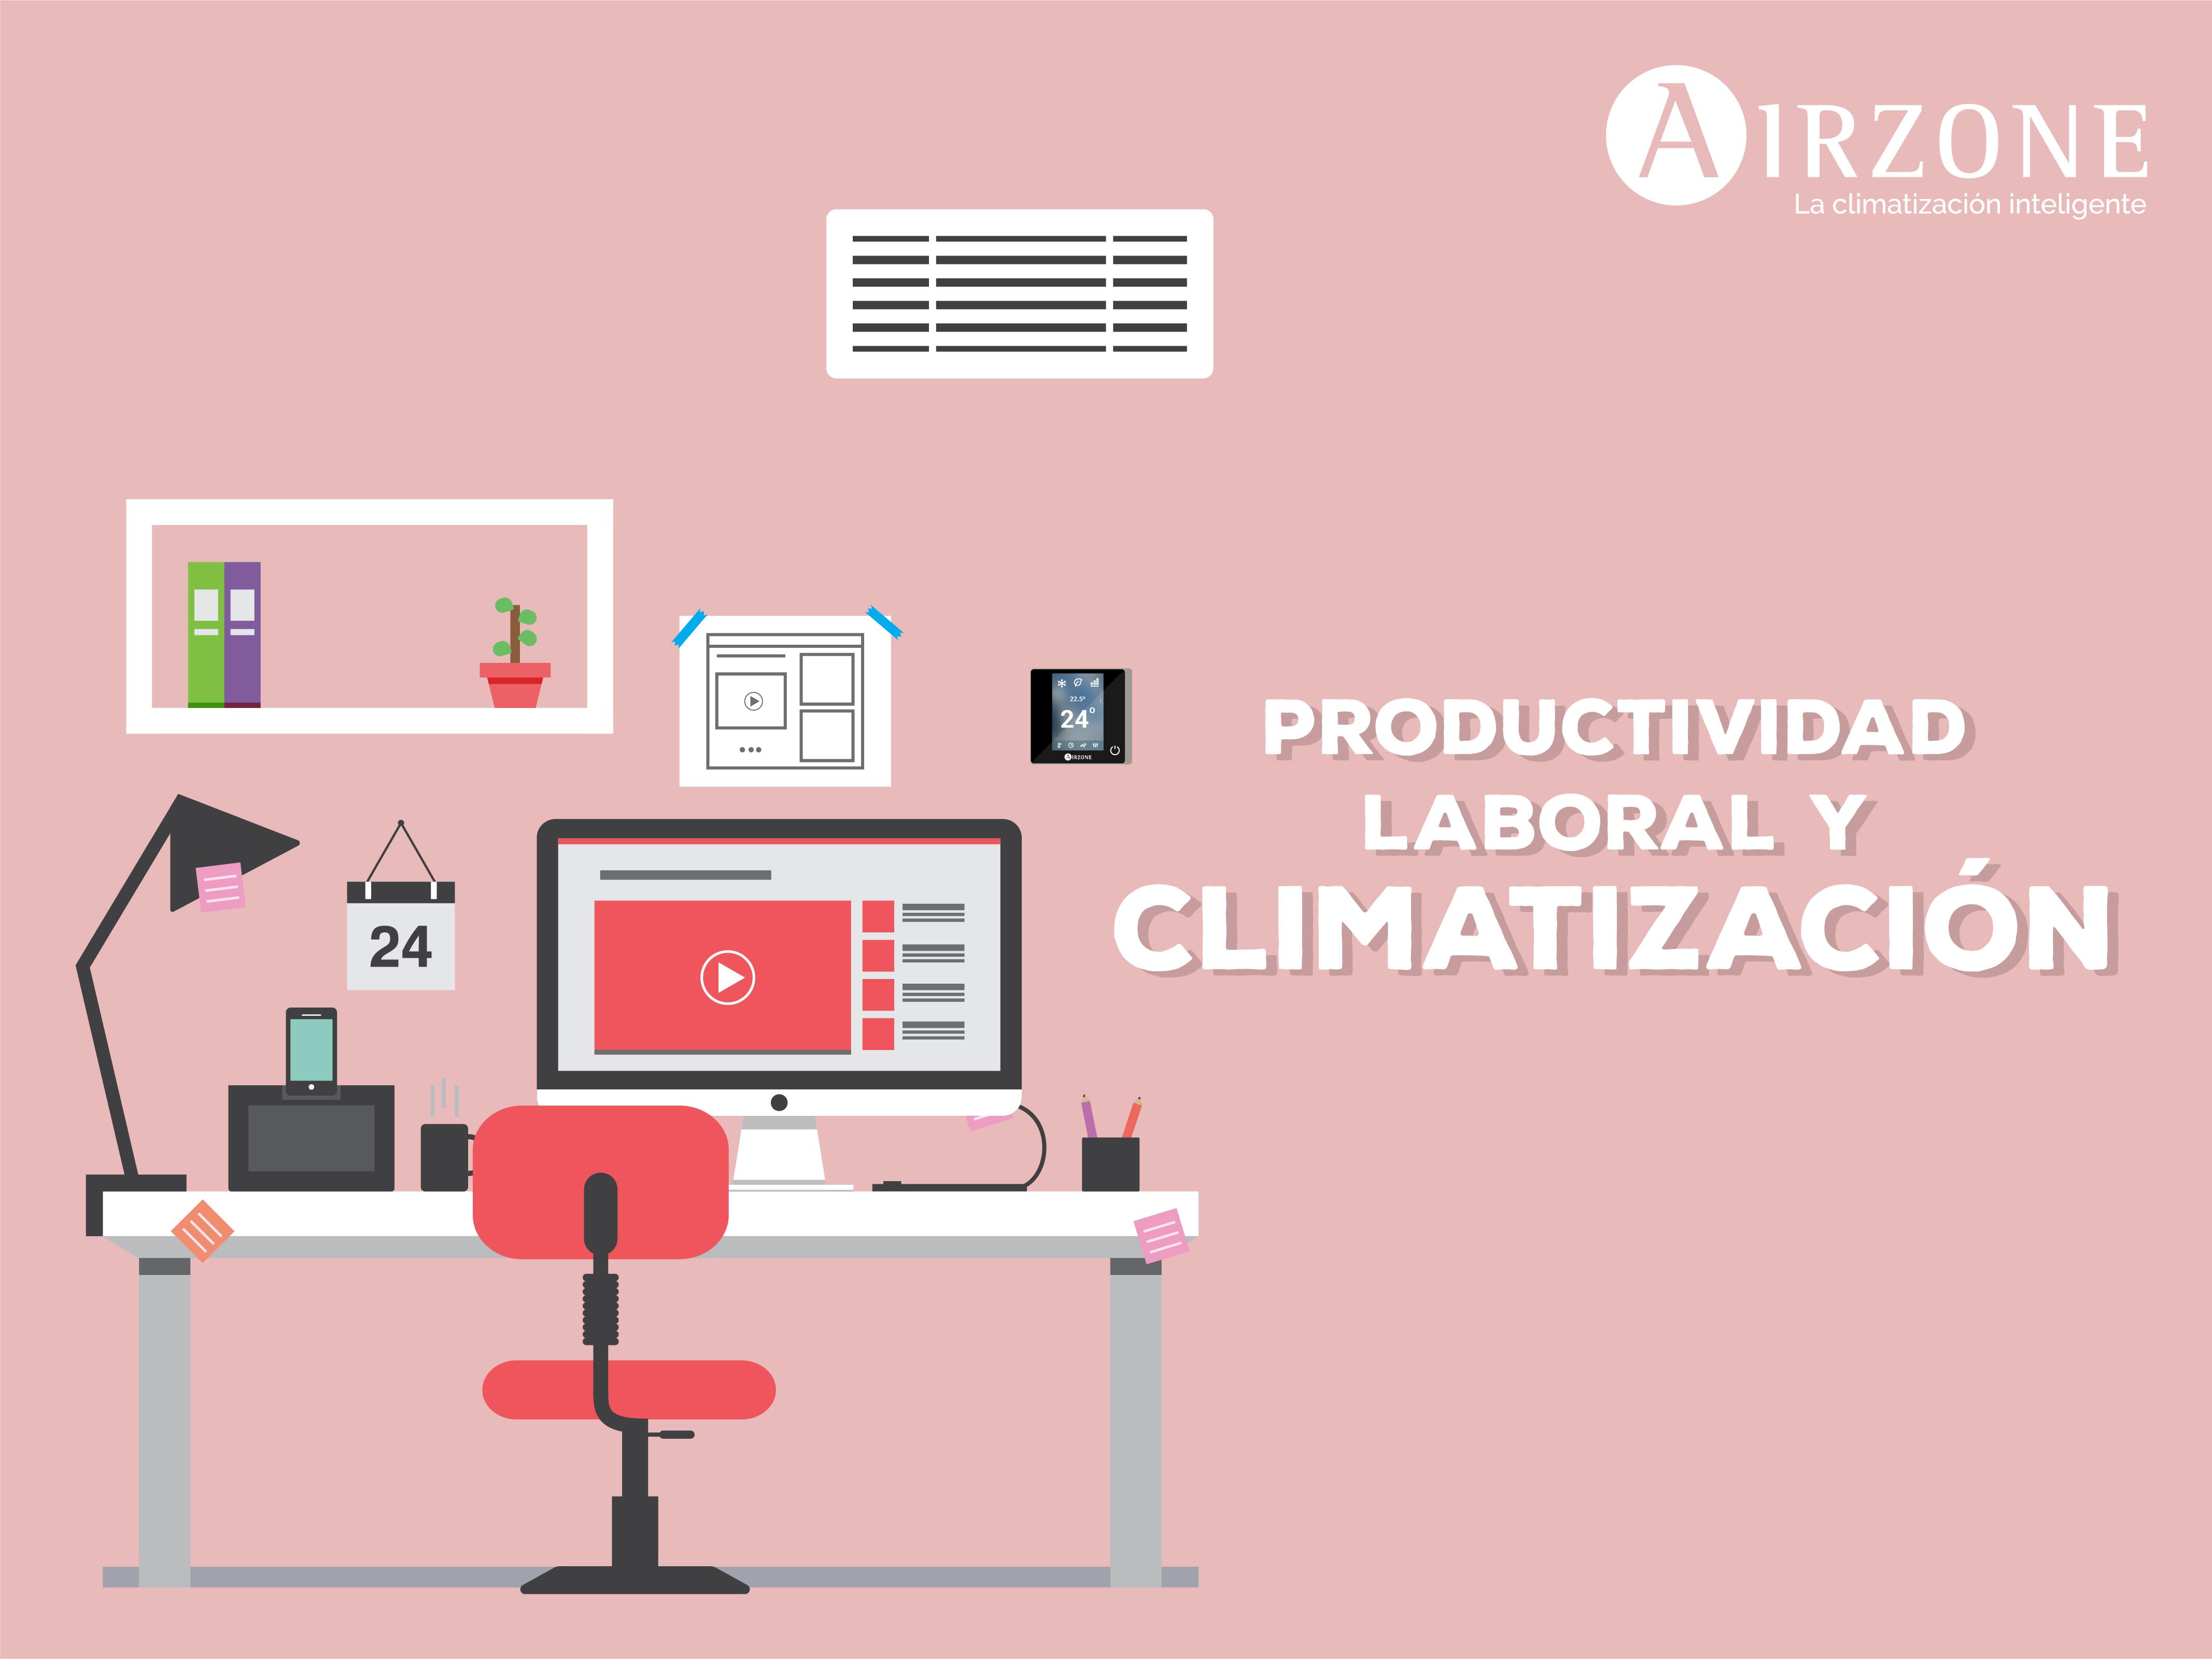 Mejorar la productividad laboral con climatización